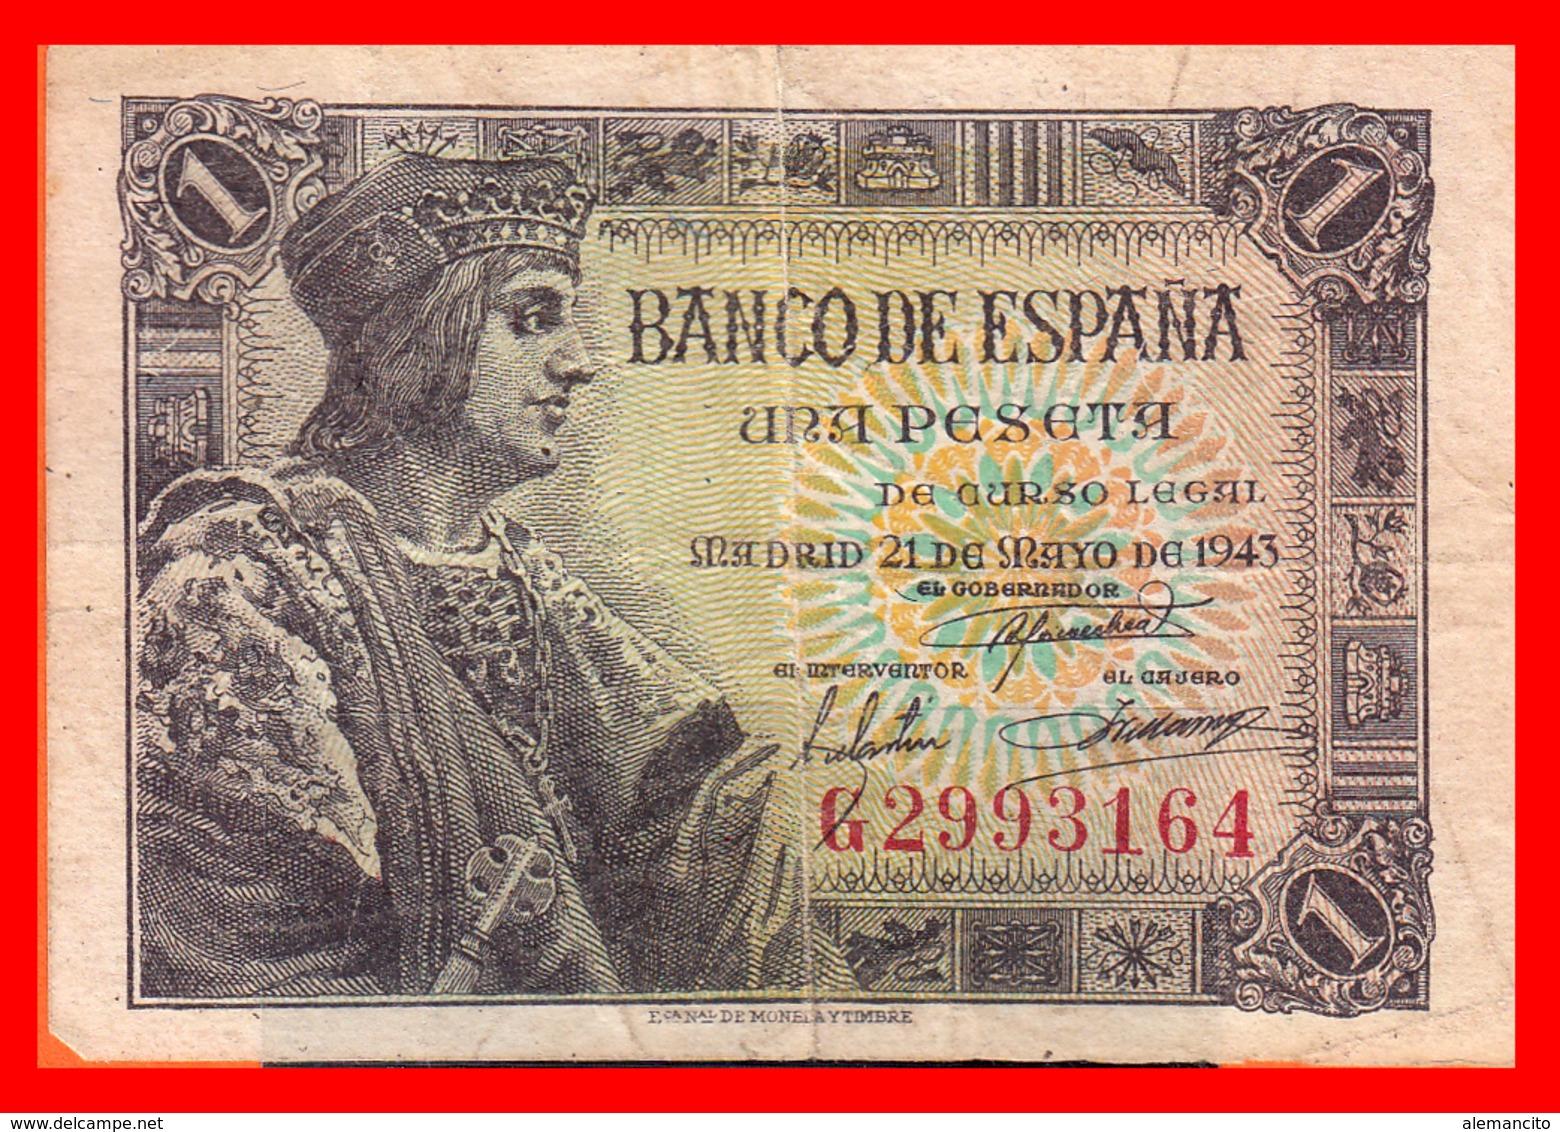 ESPAÑA BILLETE DE 1 PESETA 21 DE MAYO DE 1943. SERIE ,, G 2993164 ,, - 1-2 Pesetas